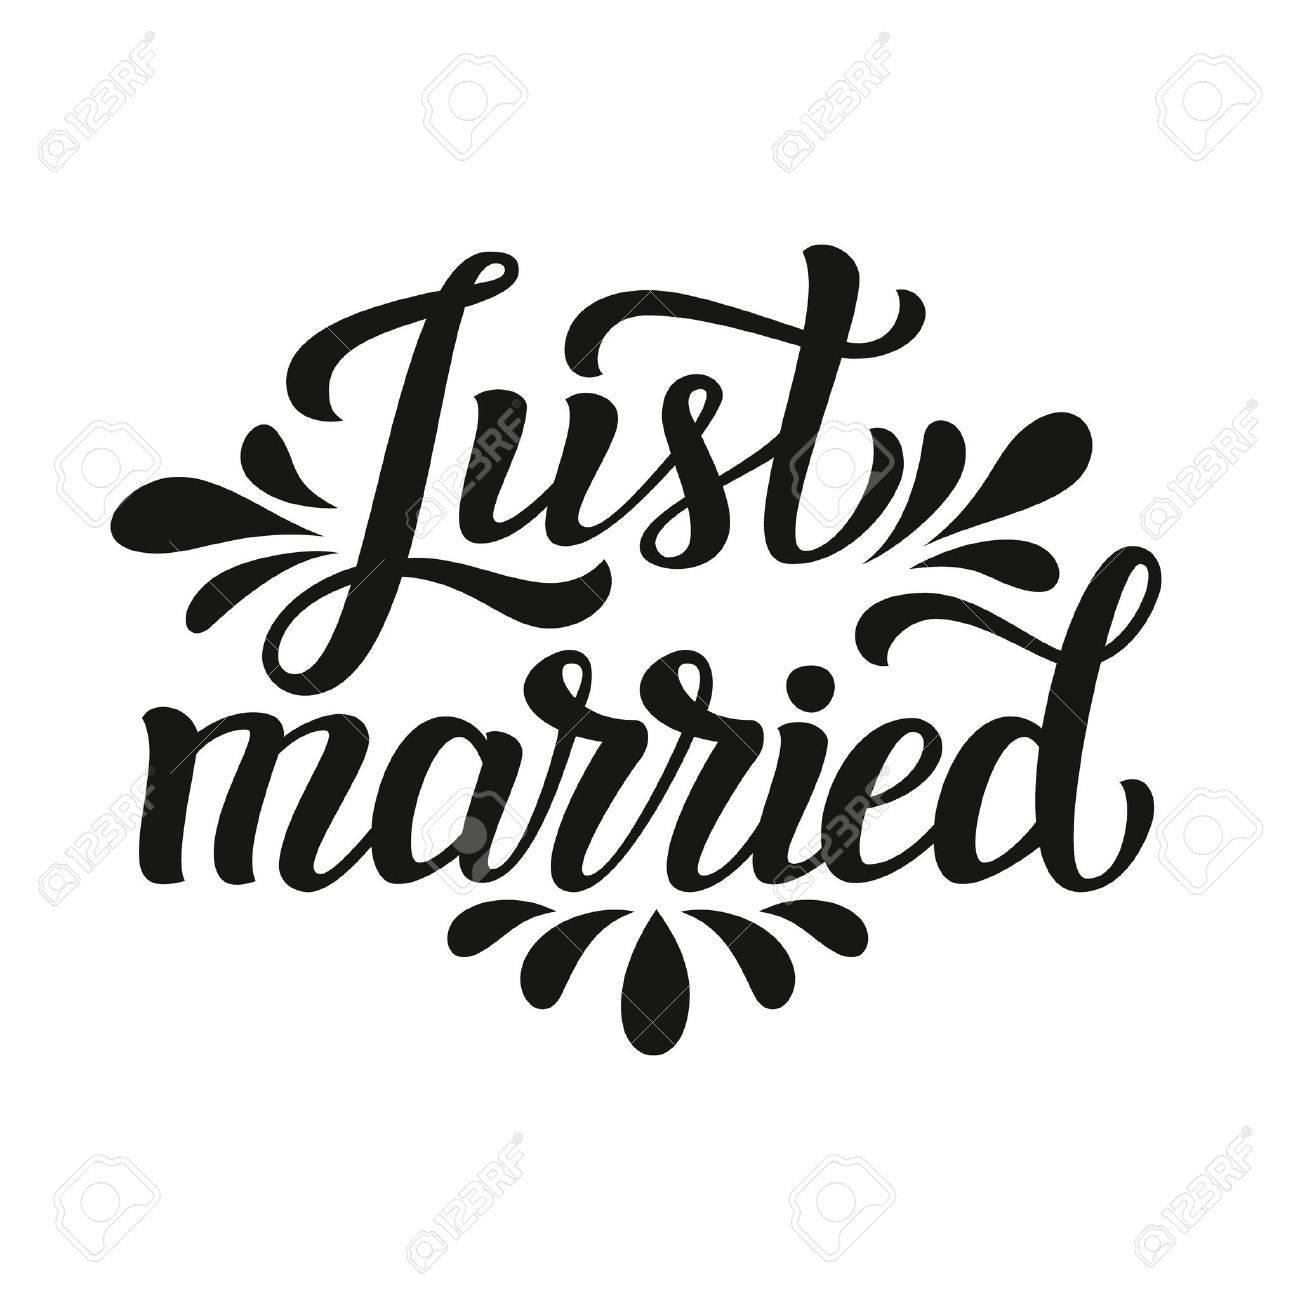 Frisch Verheiratet. Handbeschriftung Typografie Text. Romantische Zitat.  Für Hochzeit, Familie Oder Wohndesign